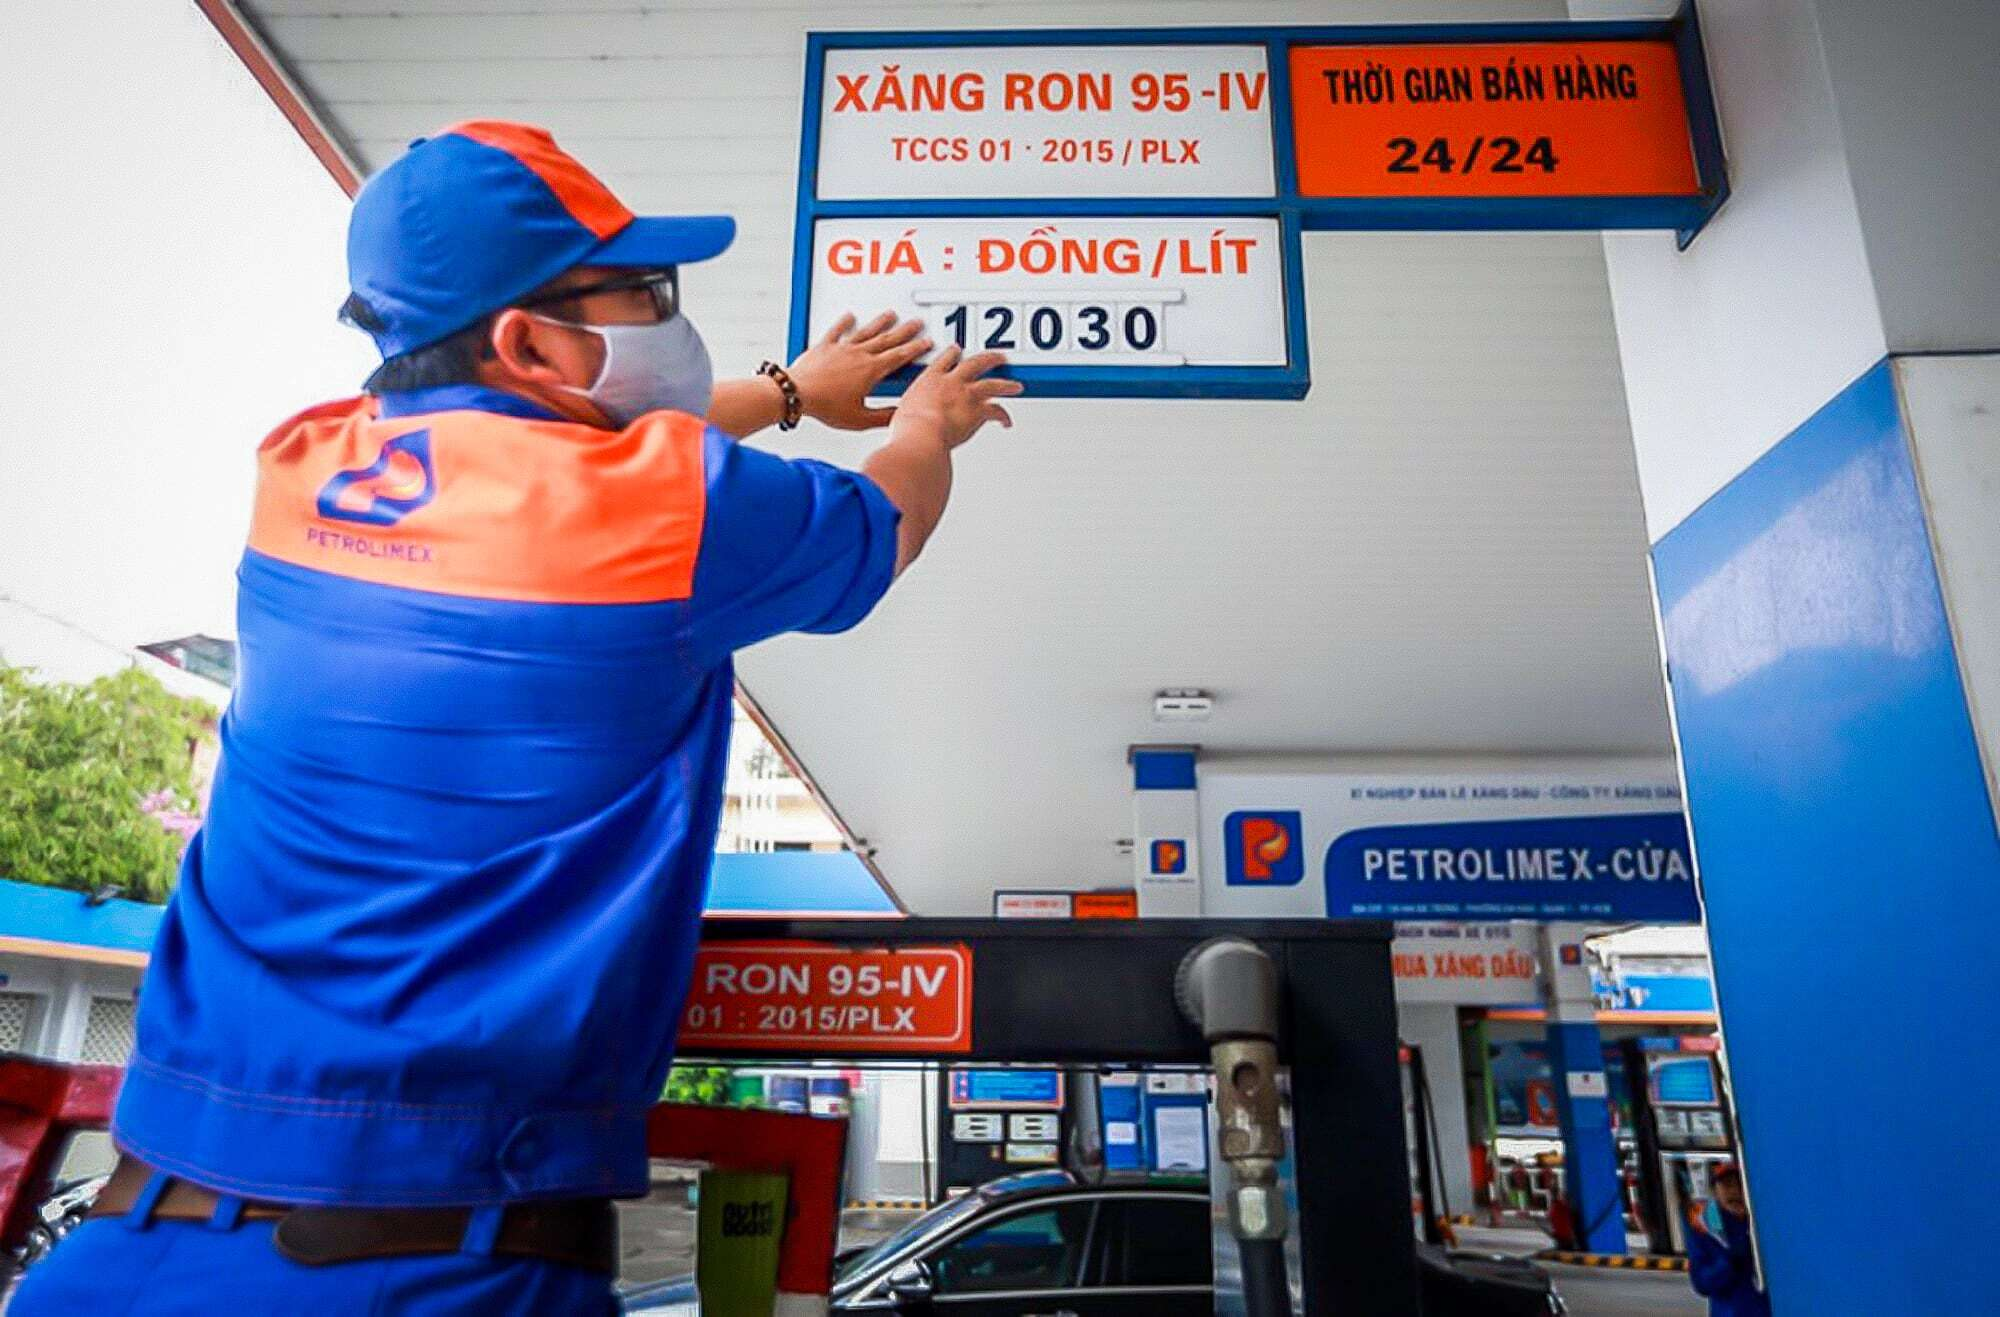 Giá dầu thế giới xuống mức âm, nhưng tại sao xăng Việt Nam chỉ giảm một nửa?